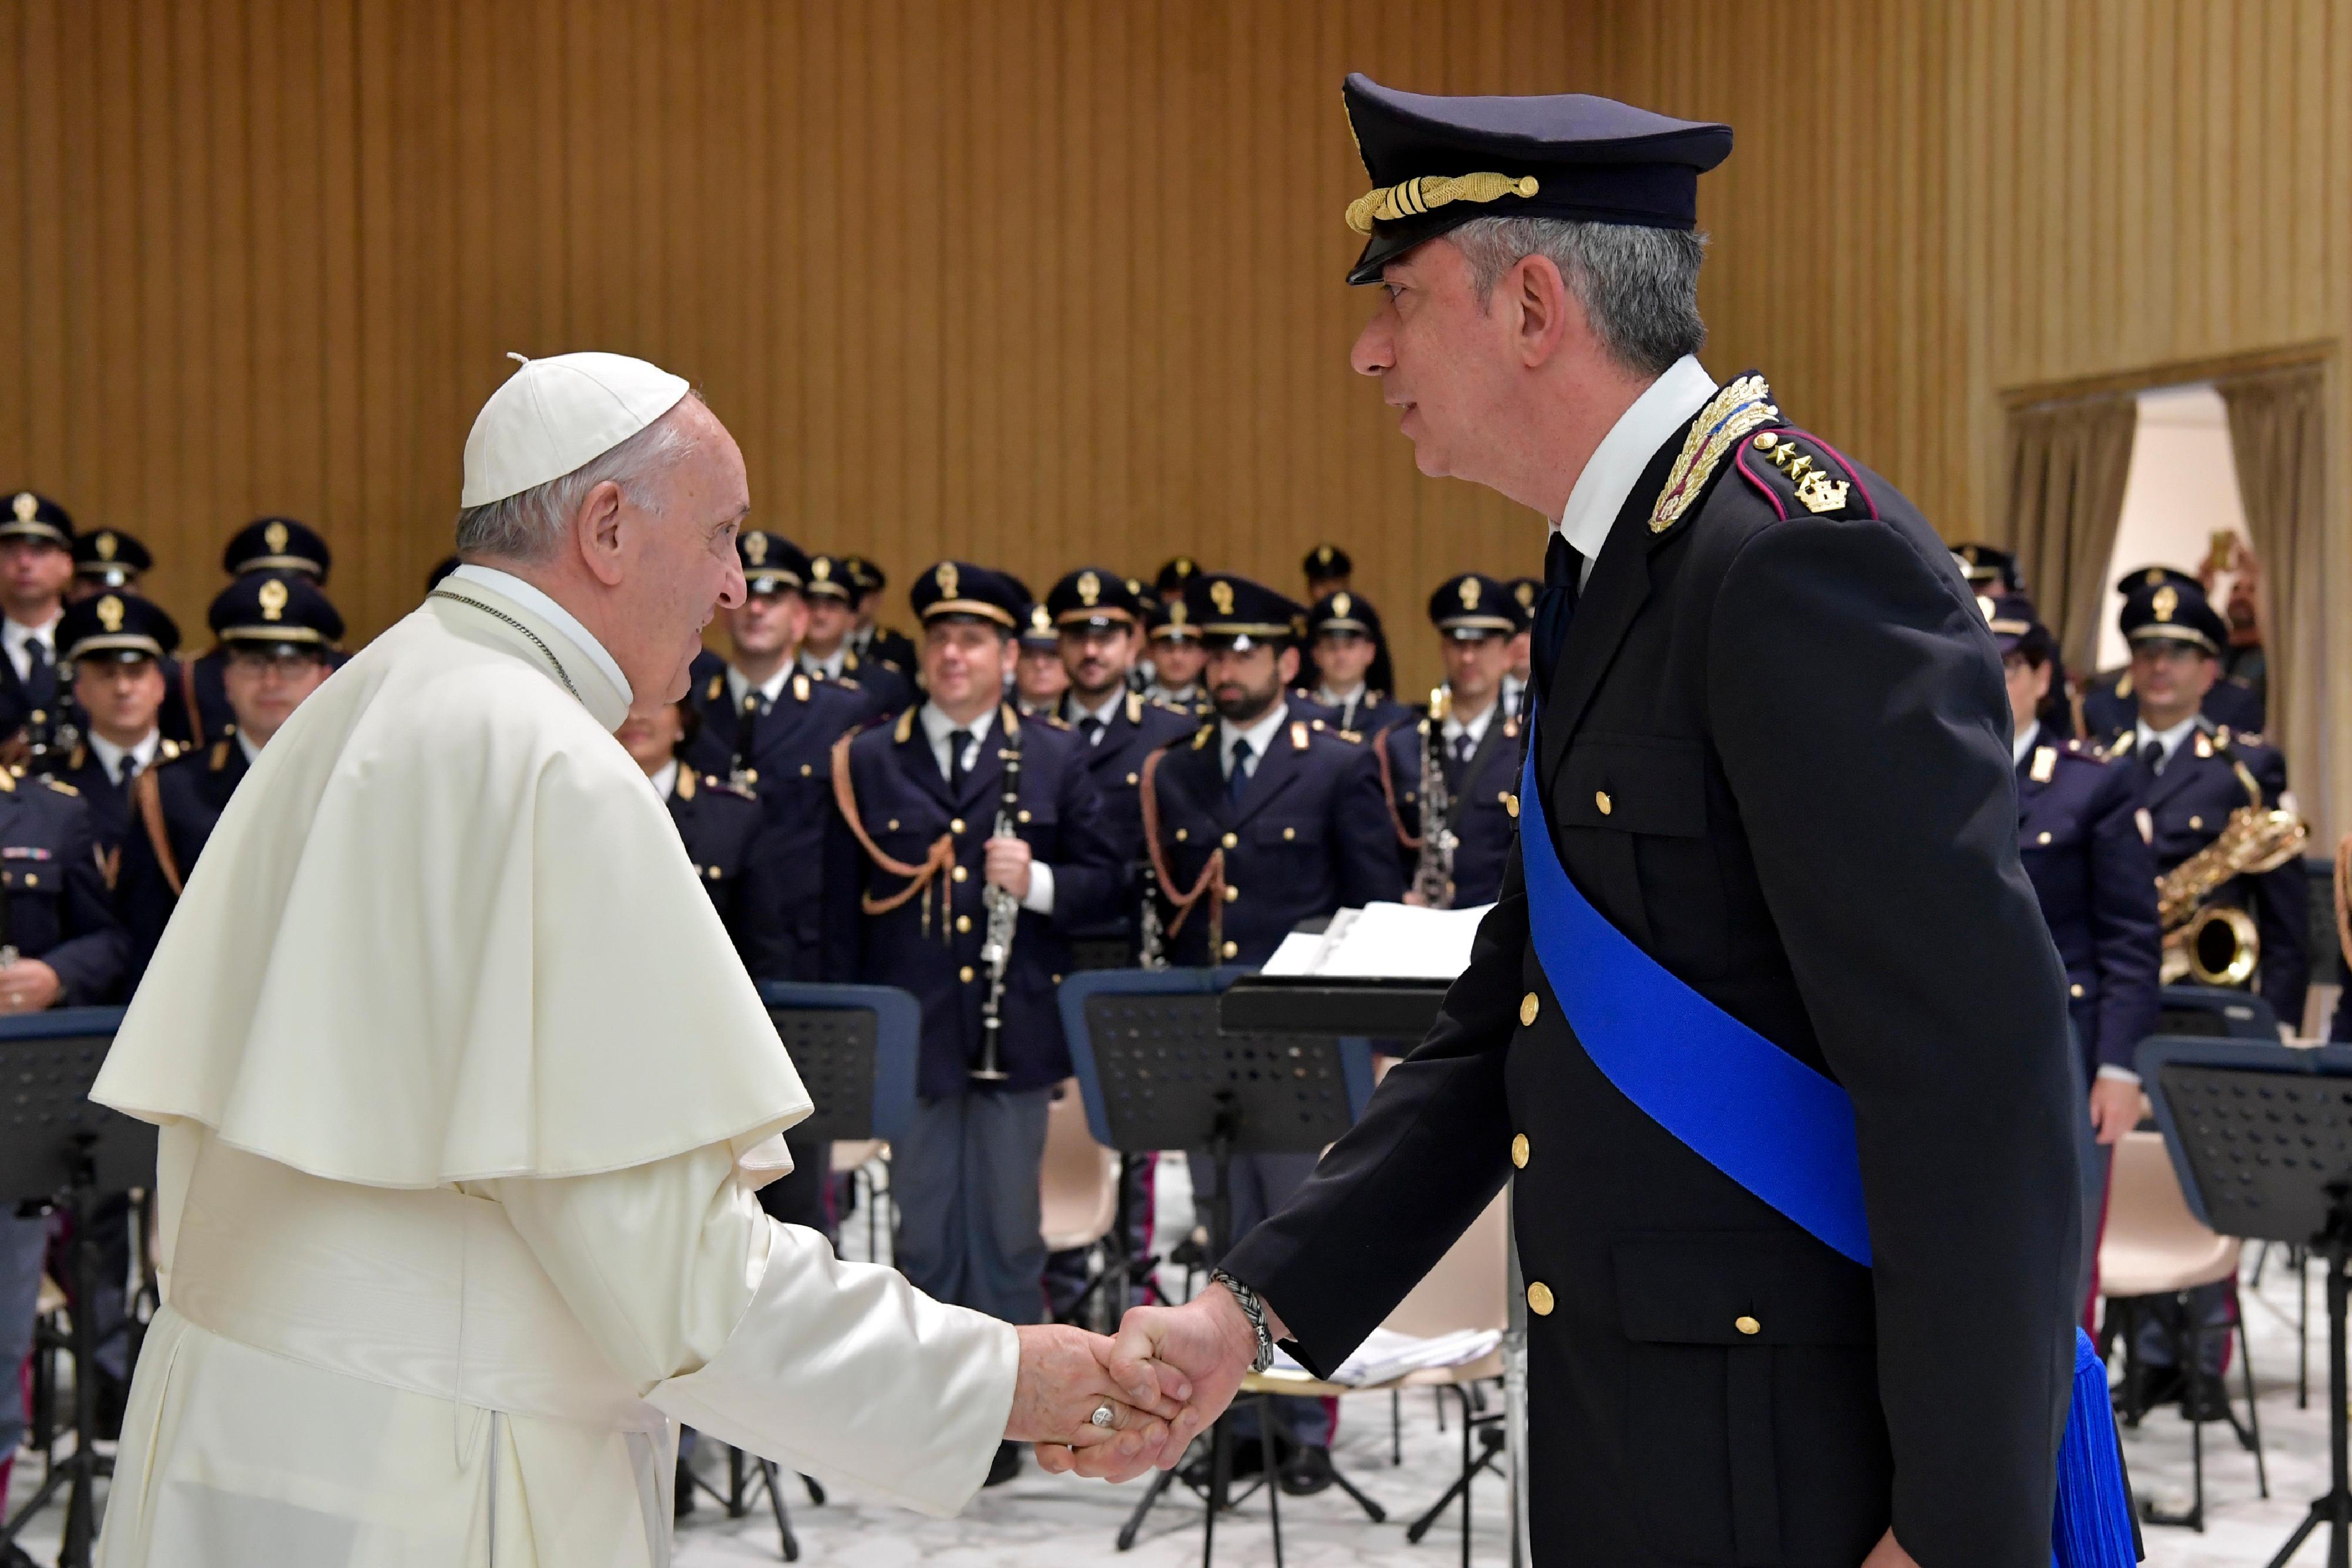 El Papa saluda al jefe de policía © Vatican Media